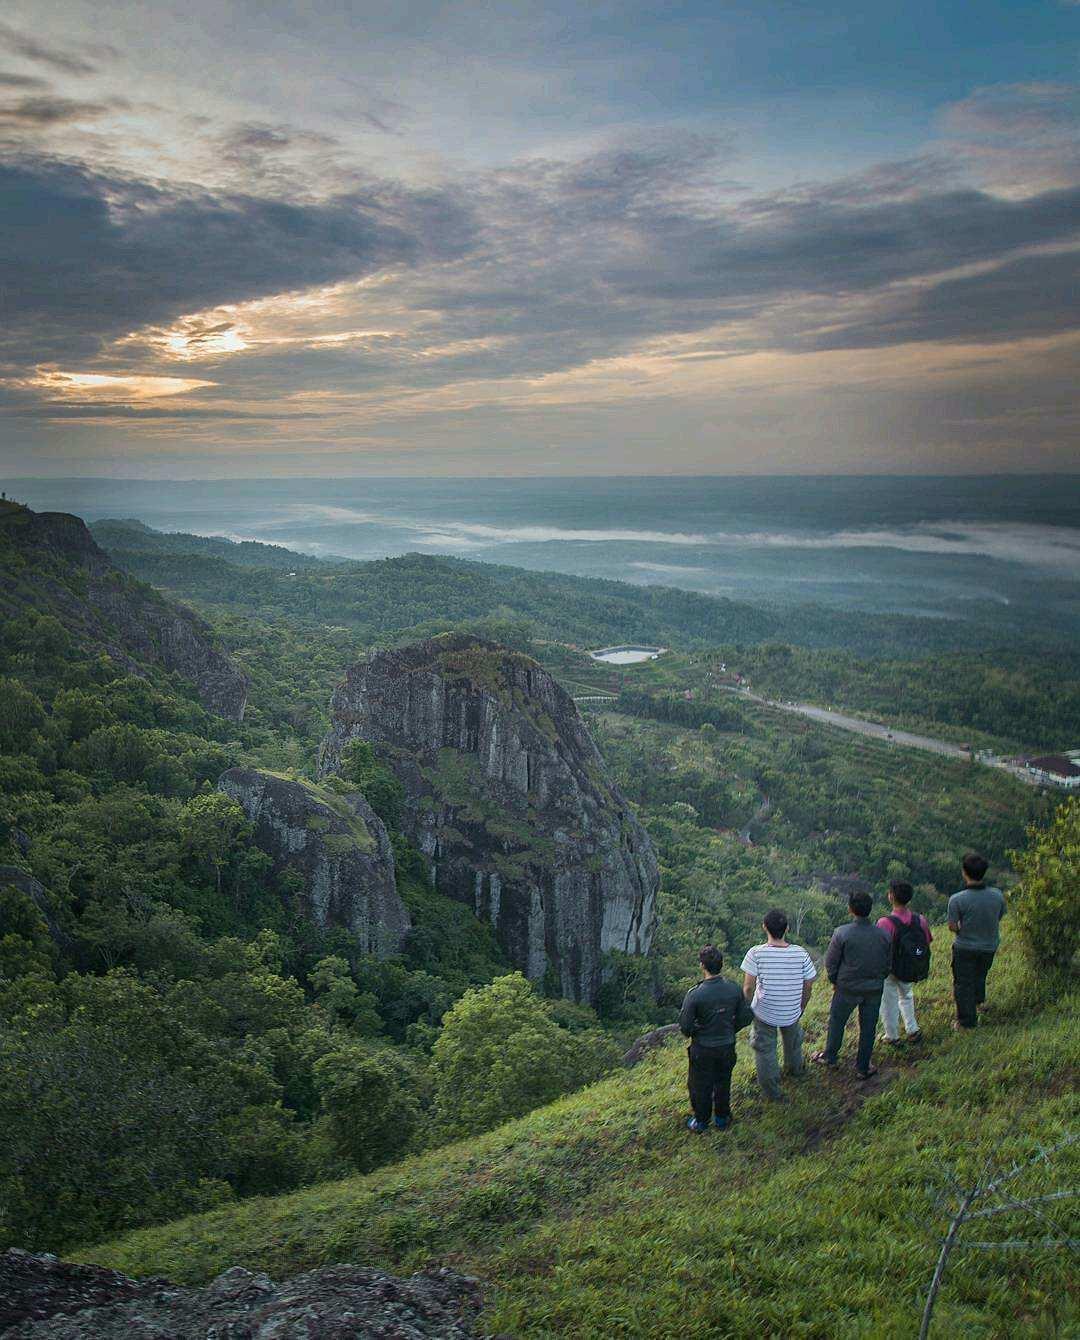 Menikmati Pemandangan Dari Atas Gunung Api Purba, Image From @roh_kyt